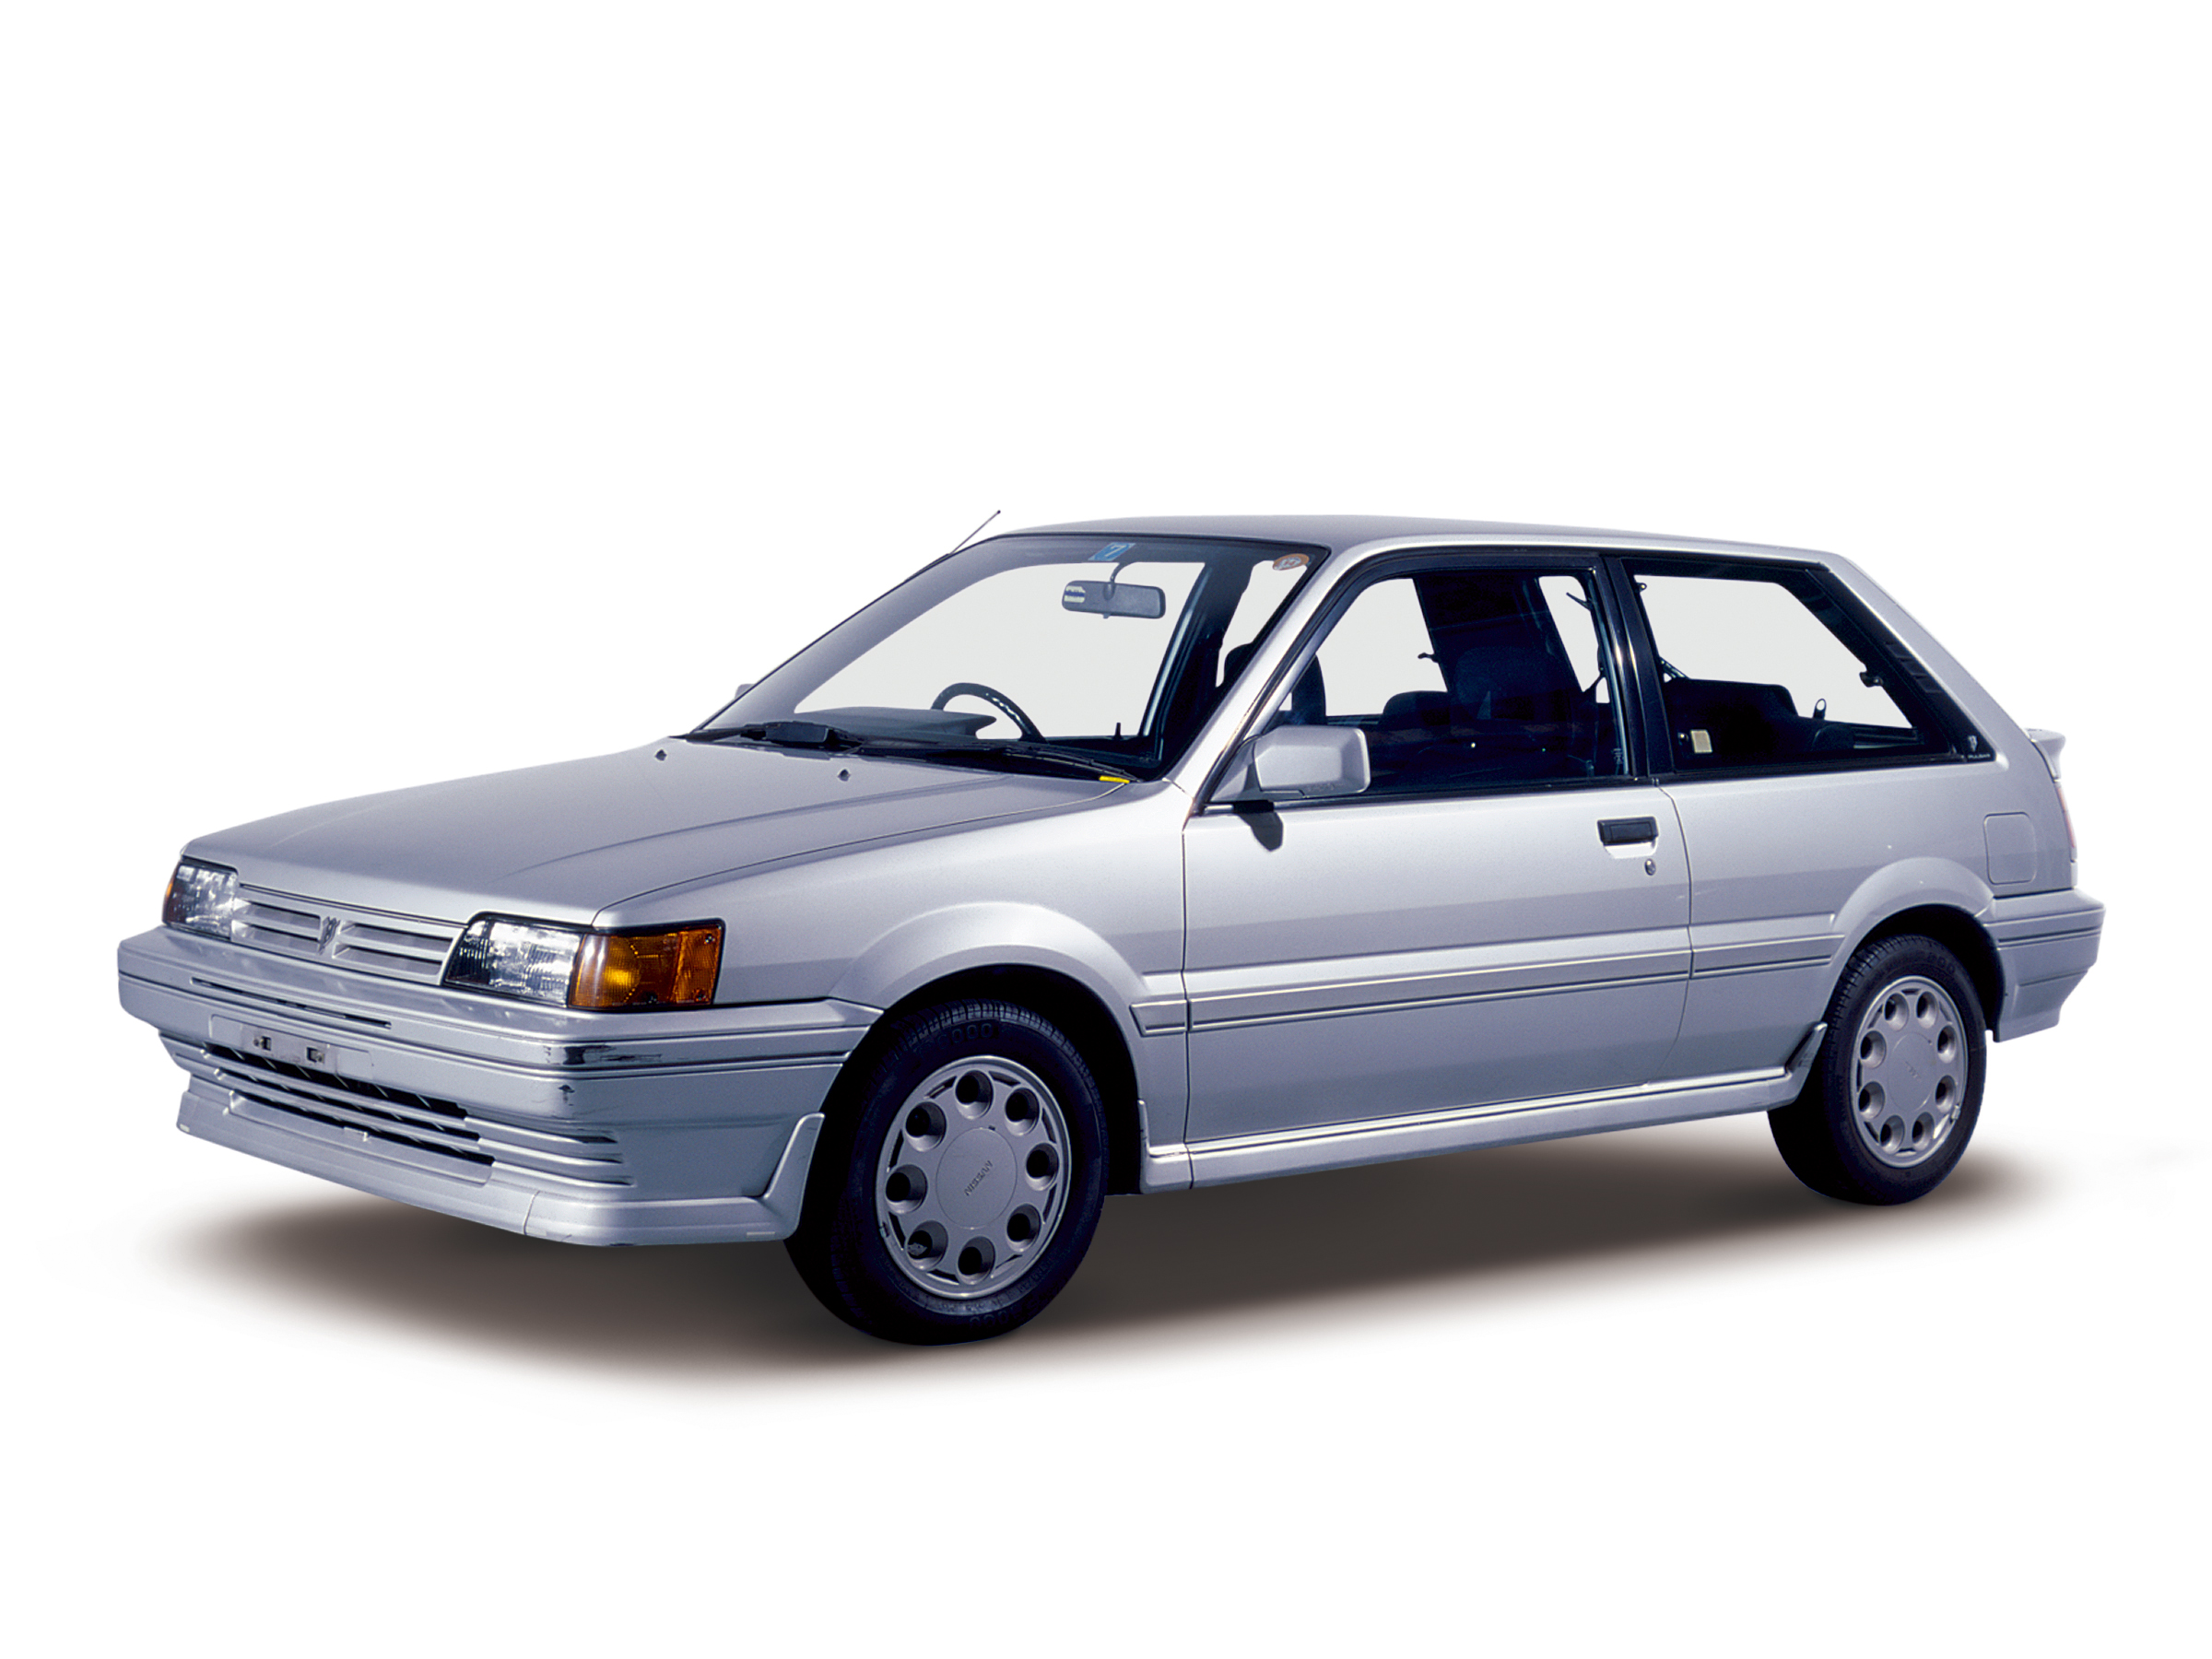 Nissan | Heritage Collection | Pulsar 3-door Hatchback ...